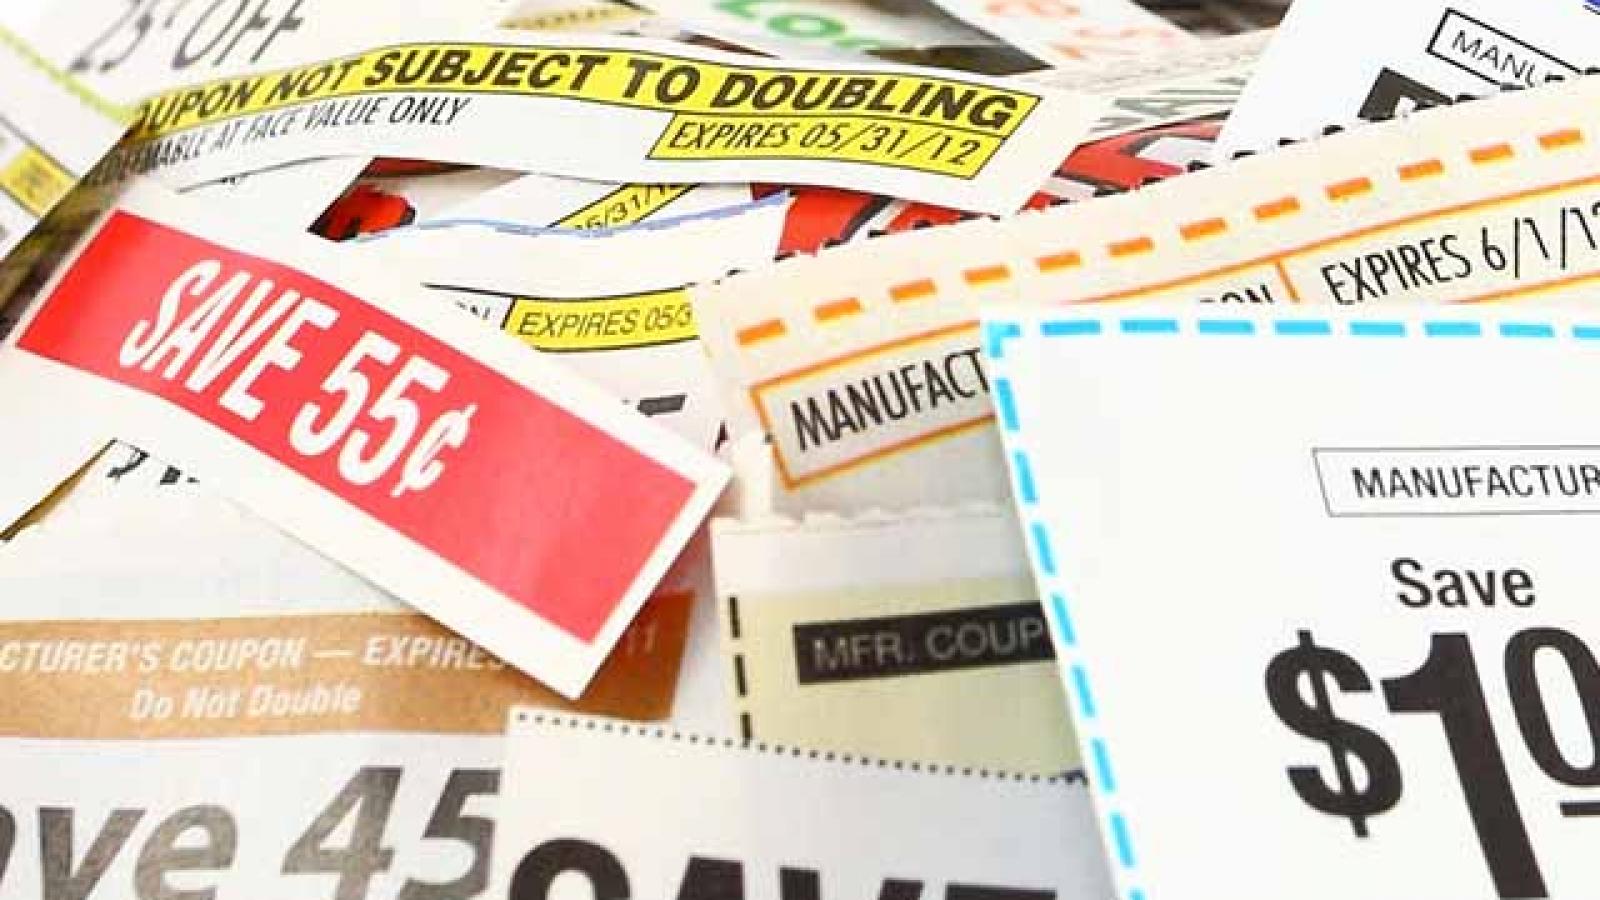 coupons_51976635@0.5x